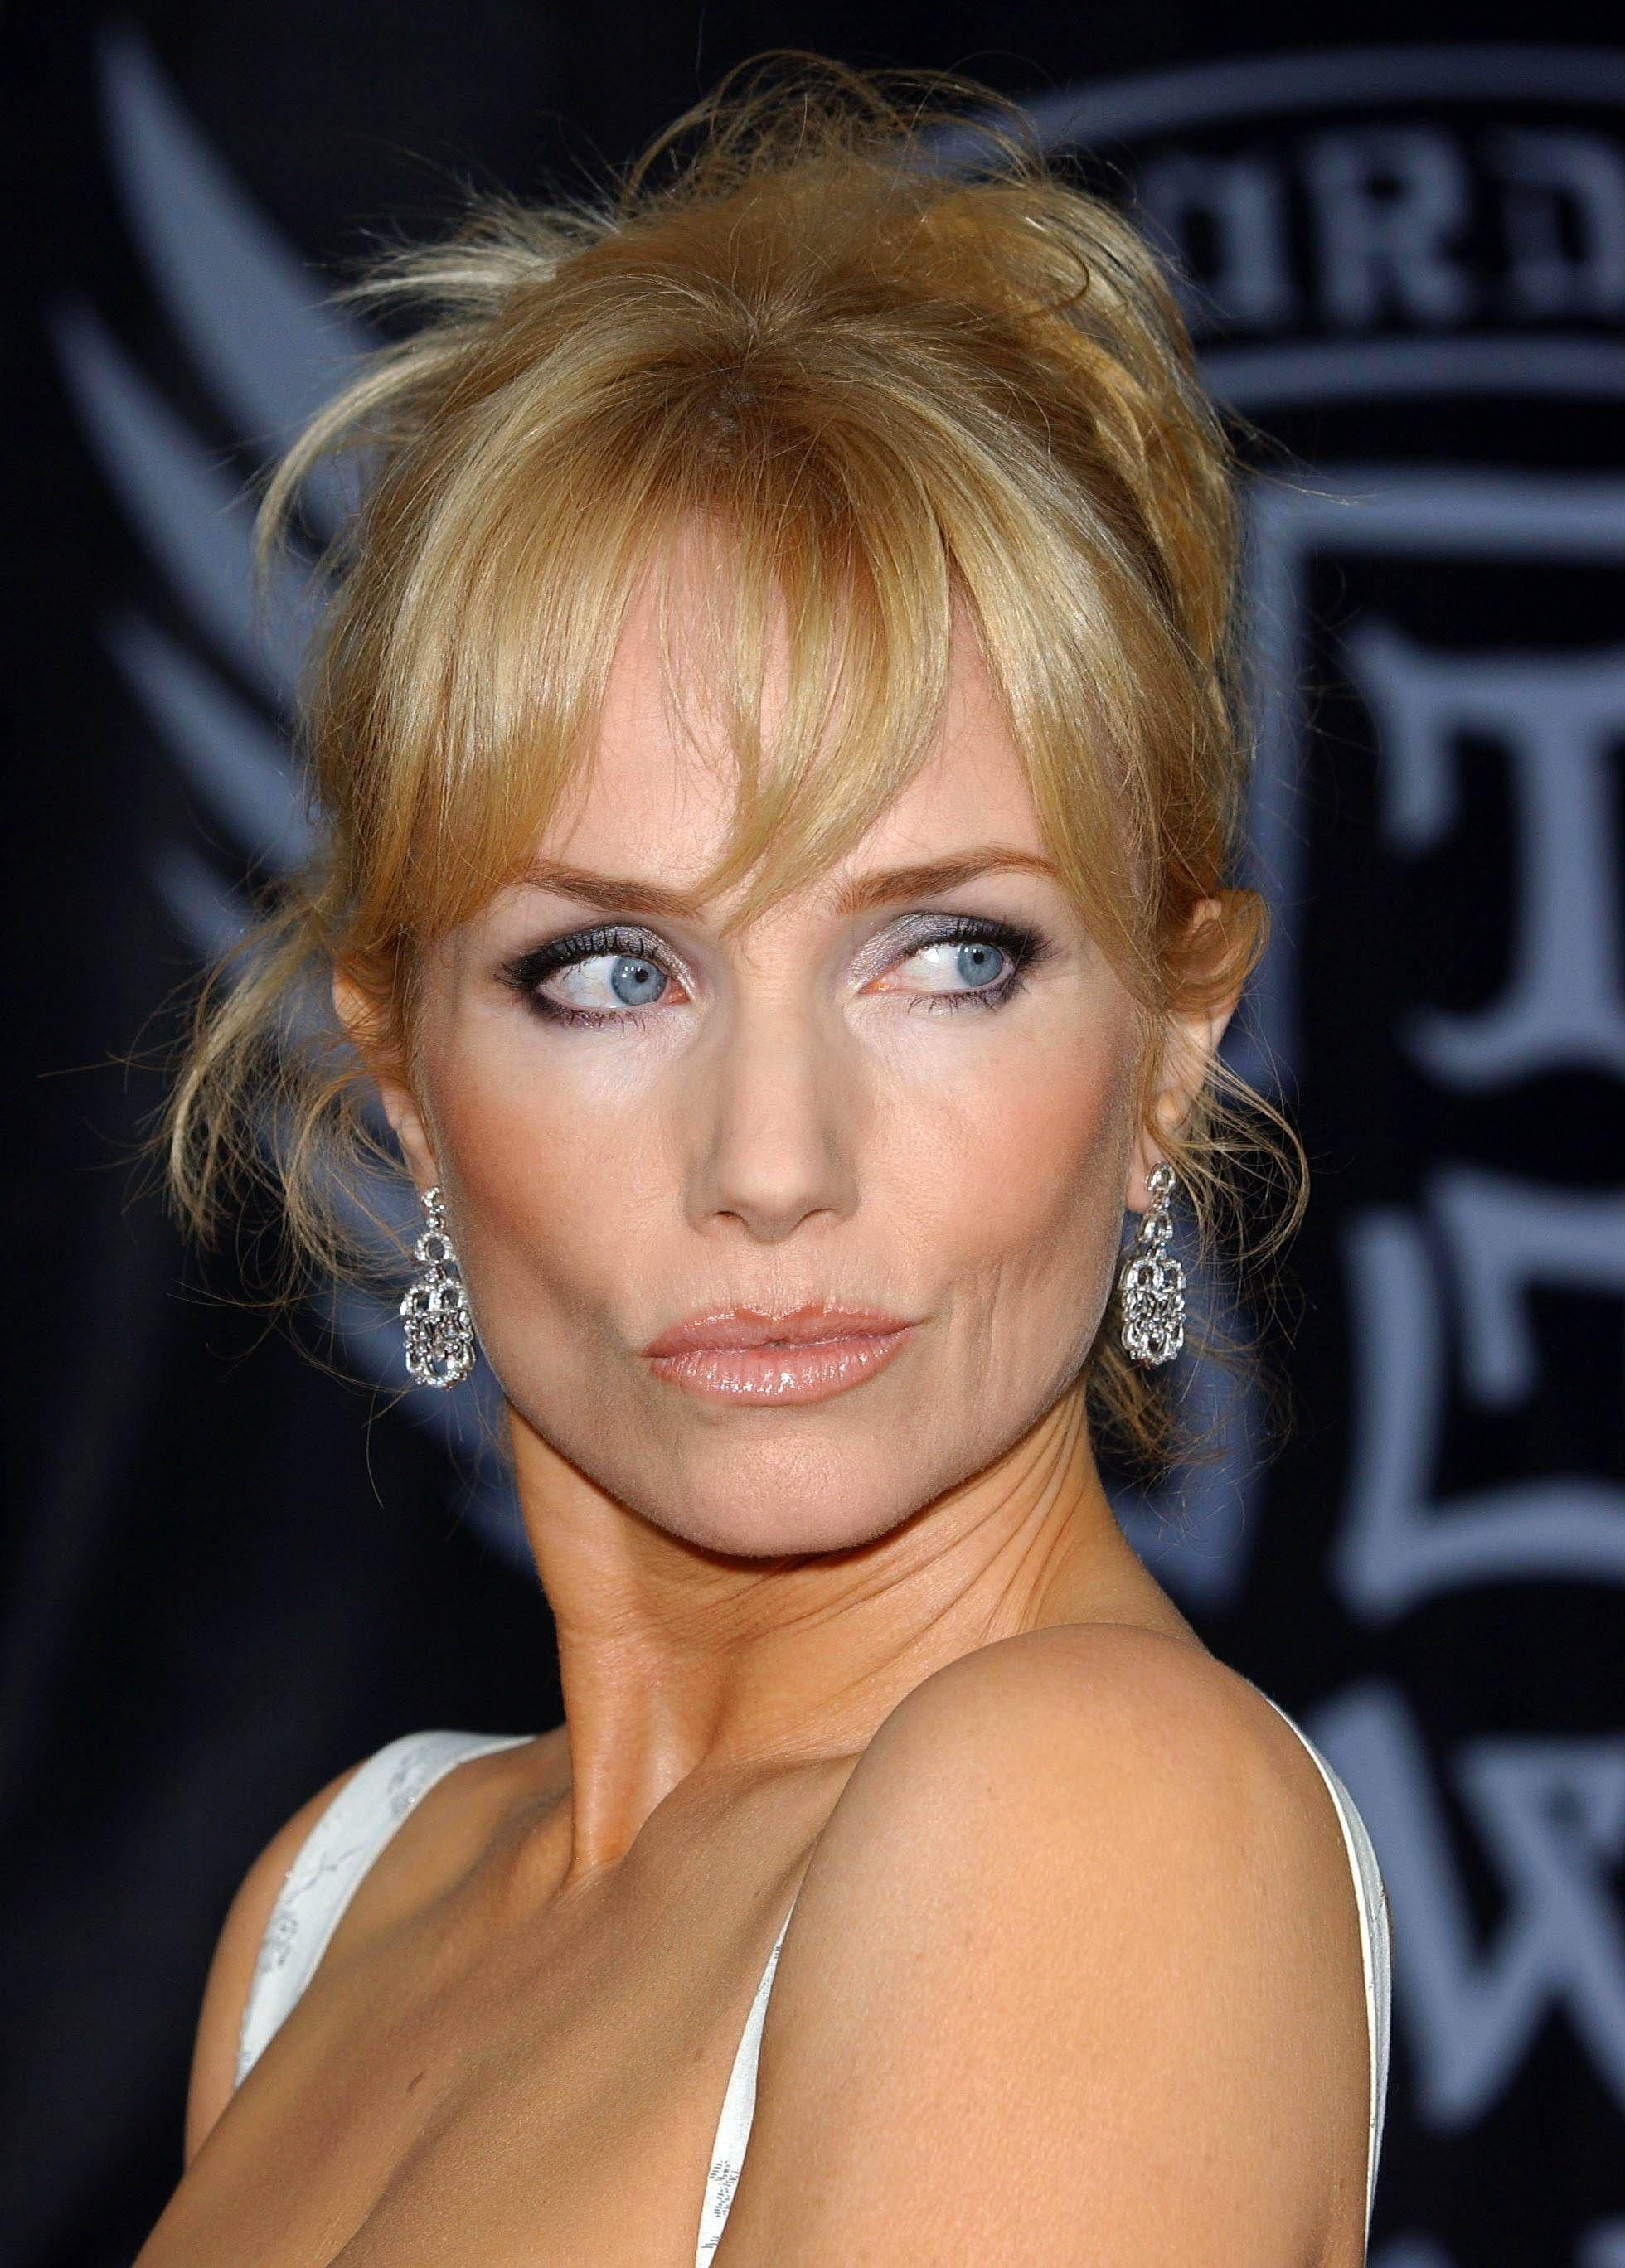 Photo Gallery Actress: Rebecca De Mornay photo pic